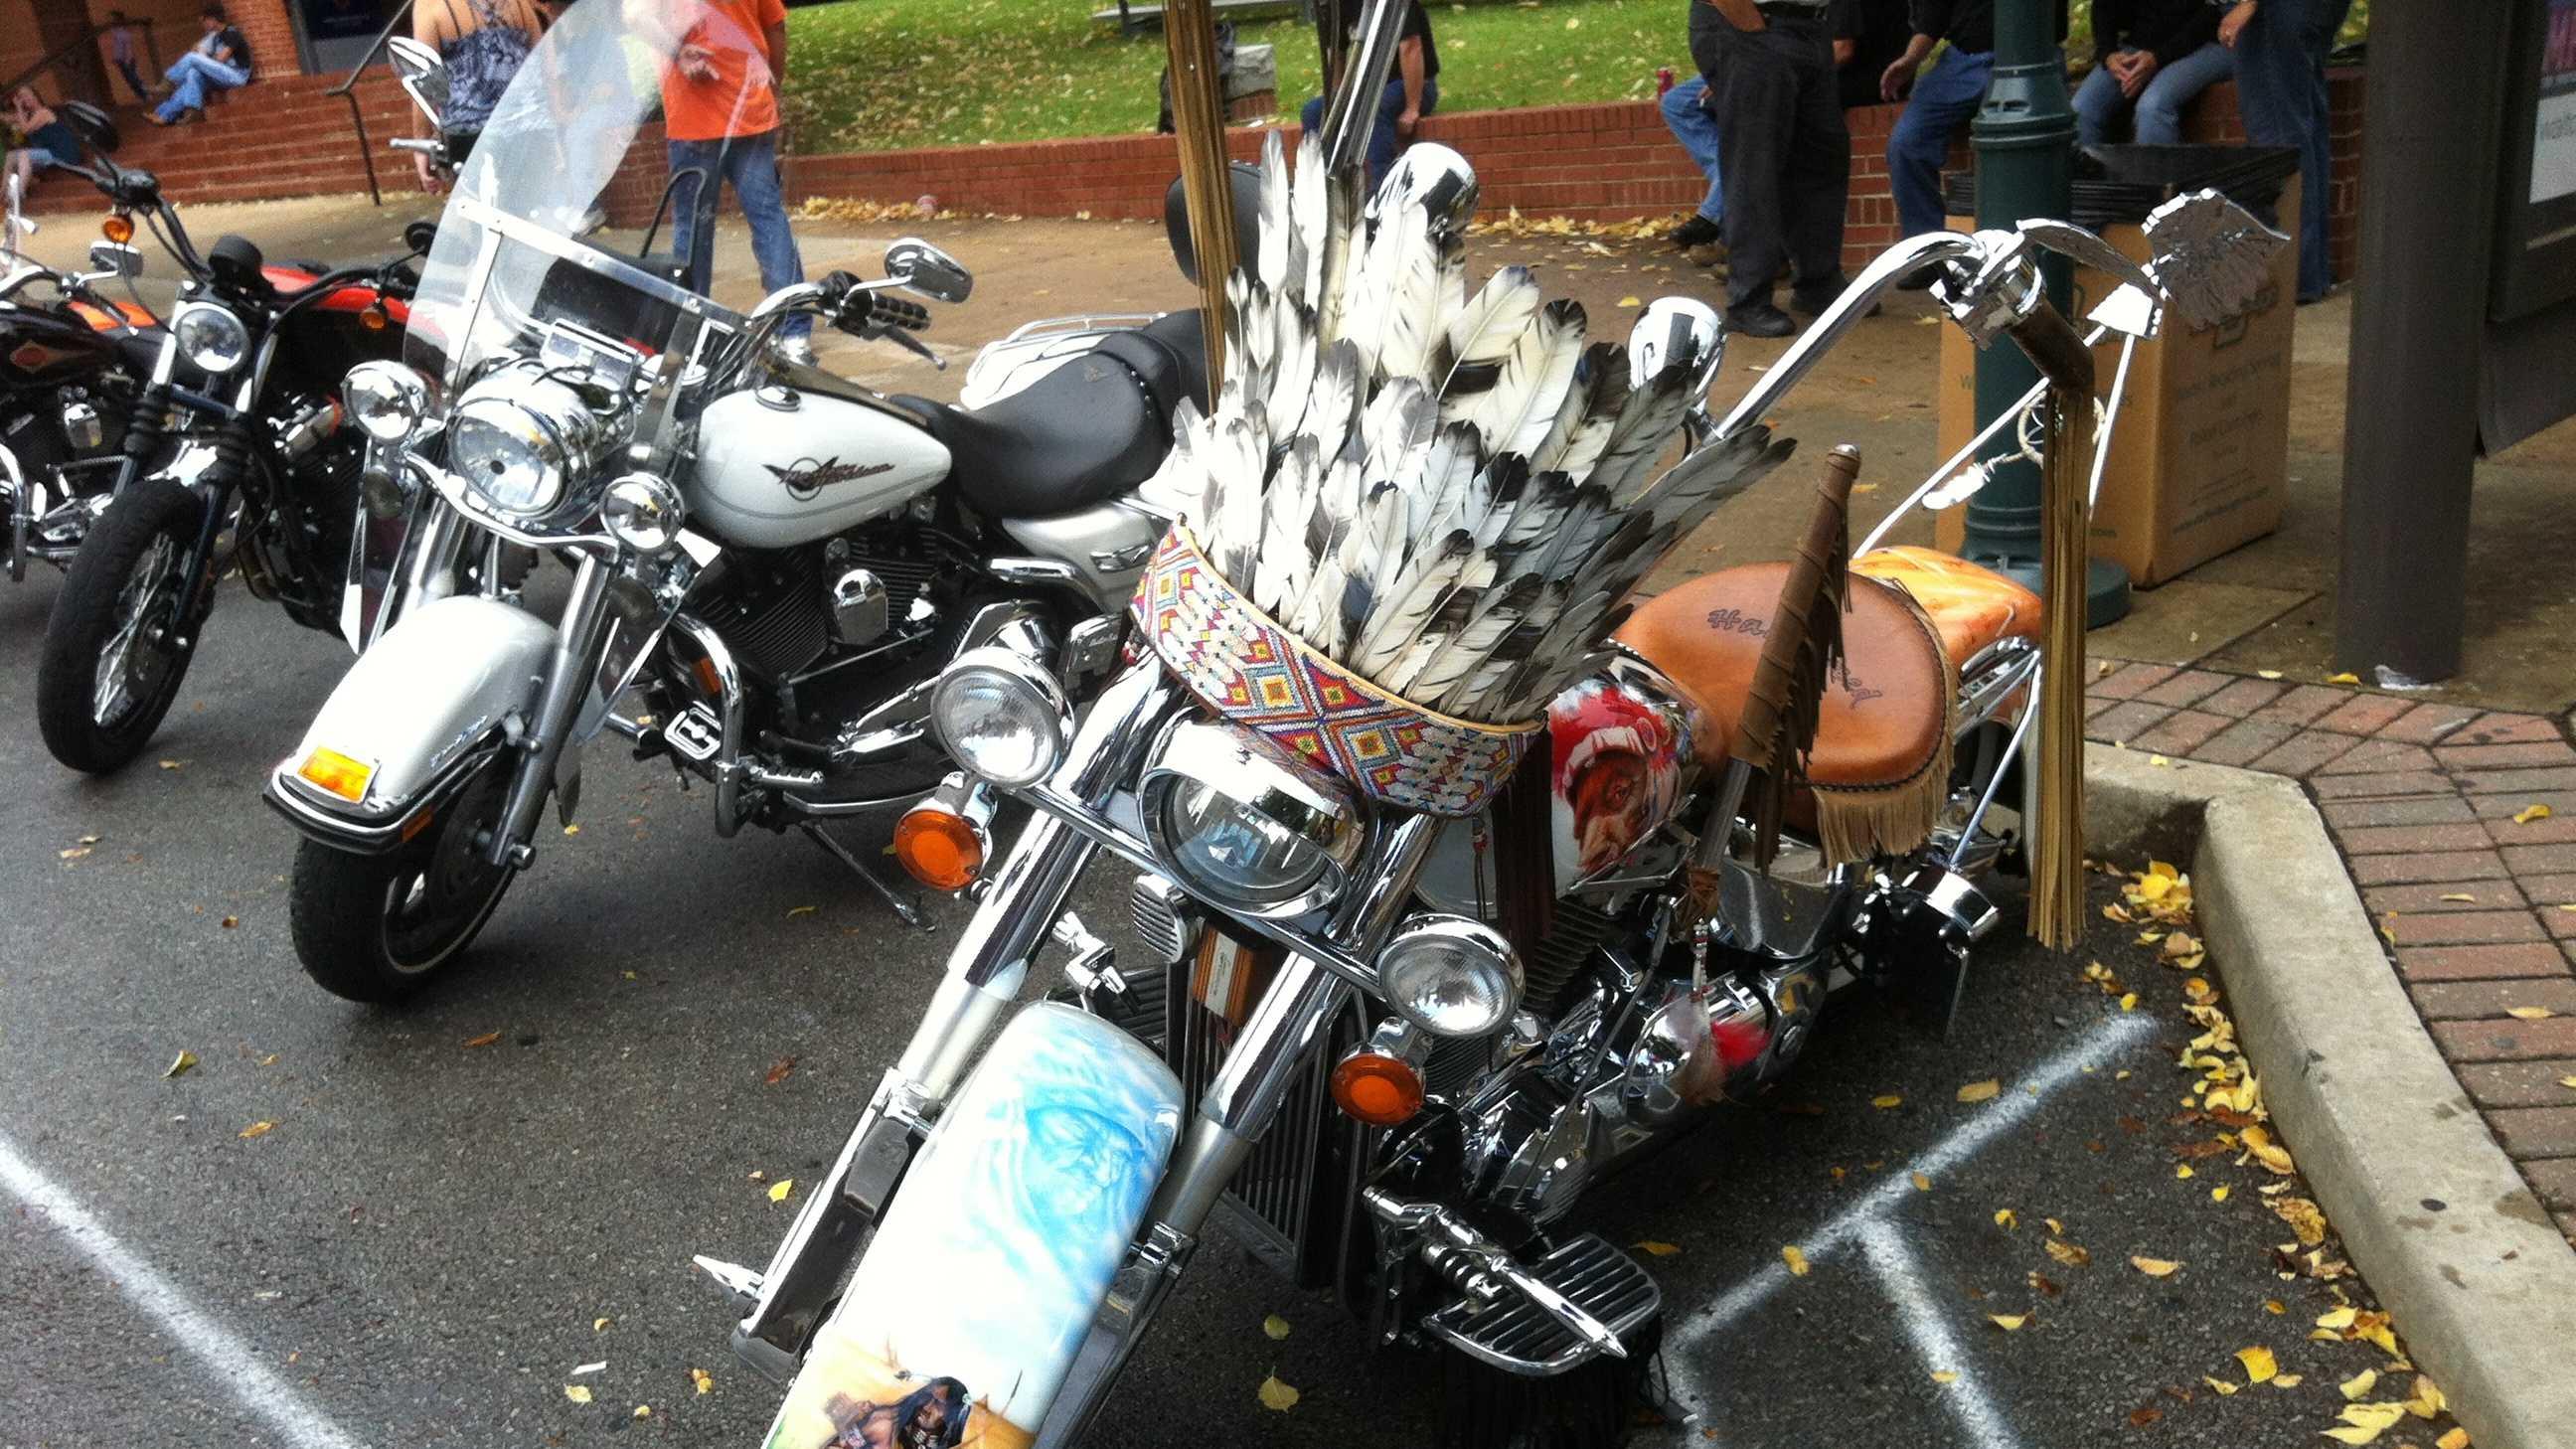 Bikes Blues BBQ 092612.JPG